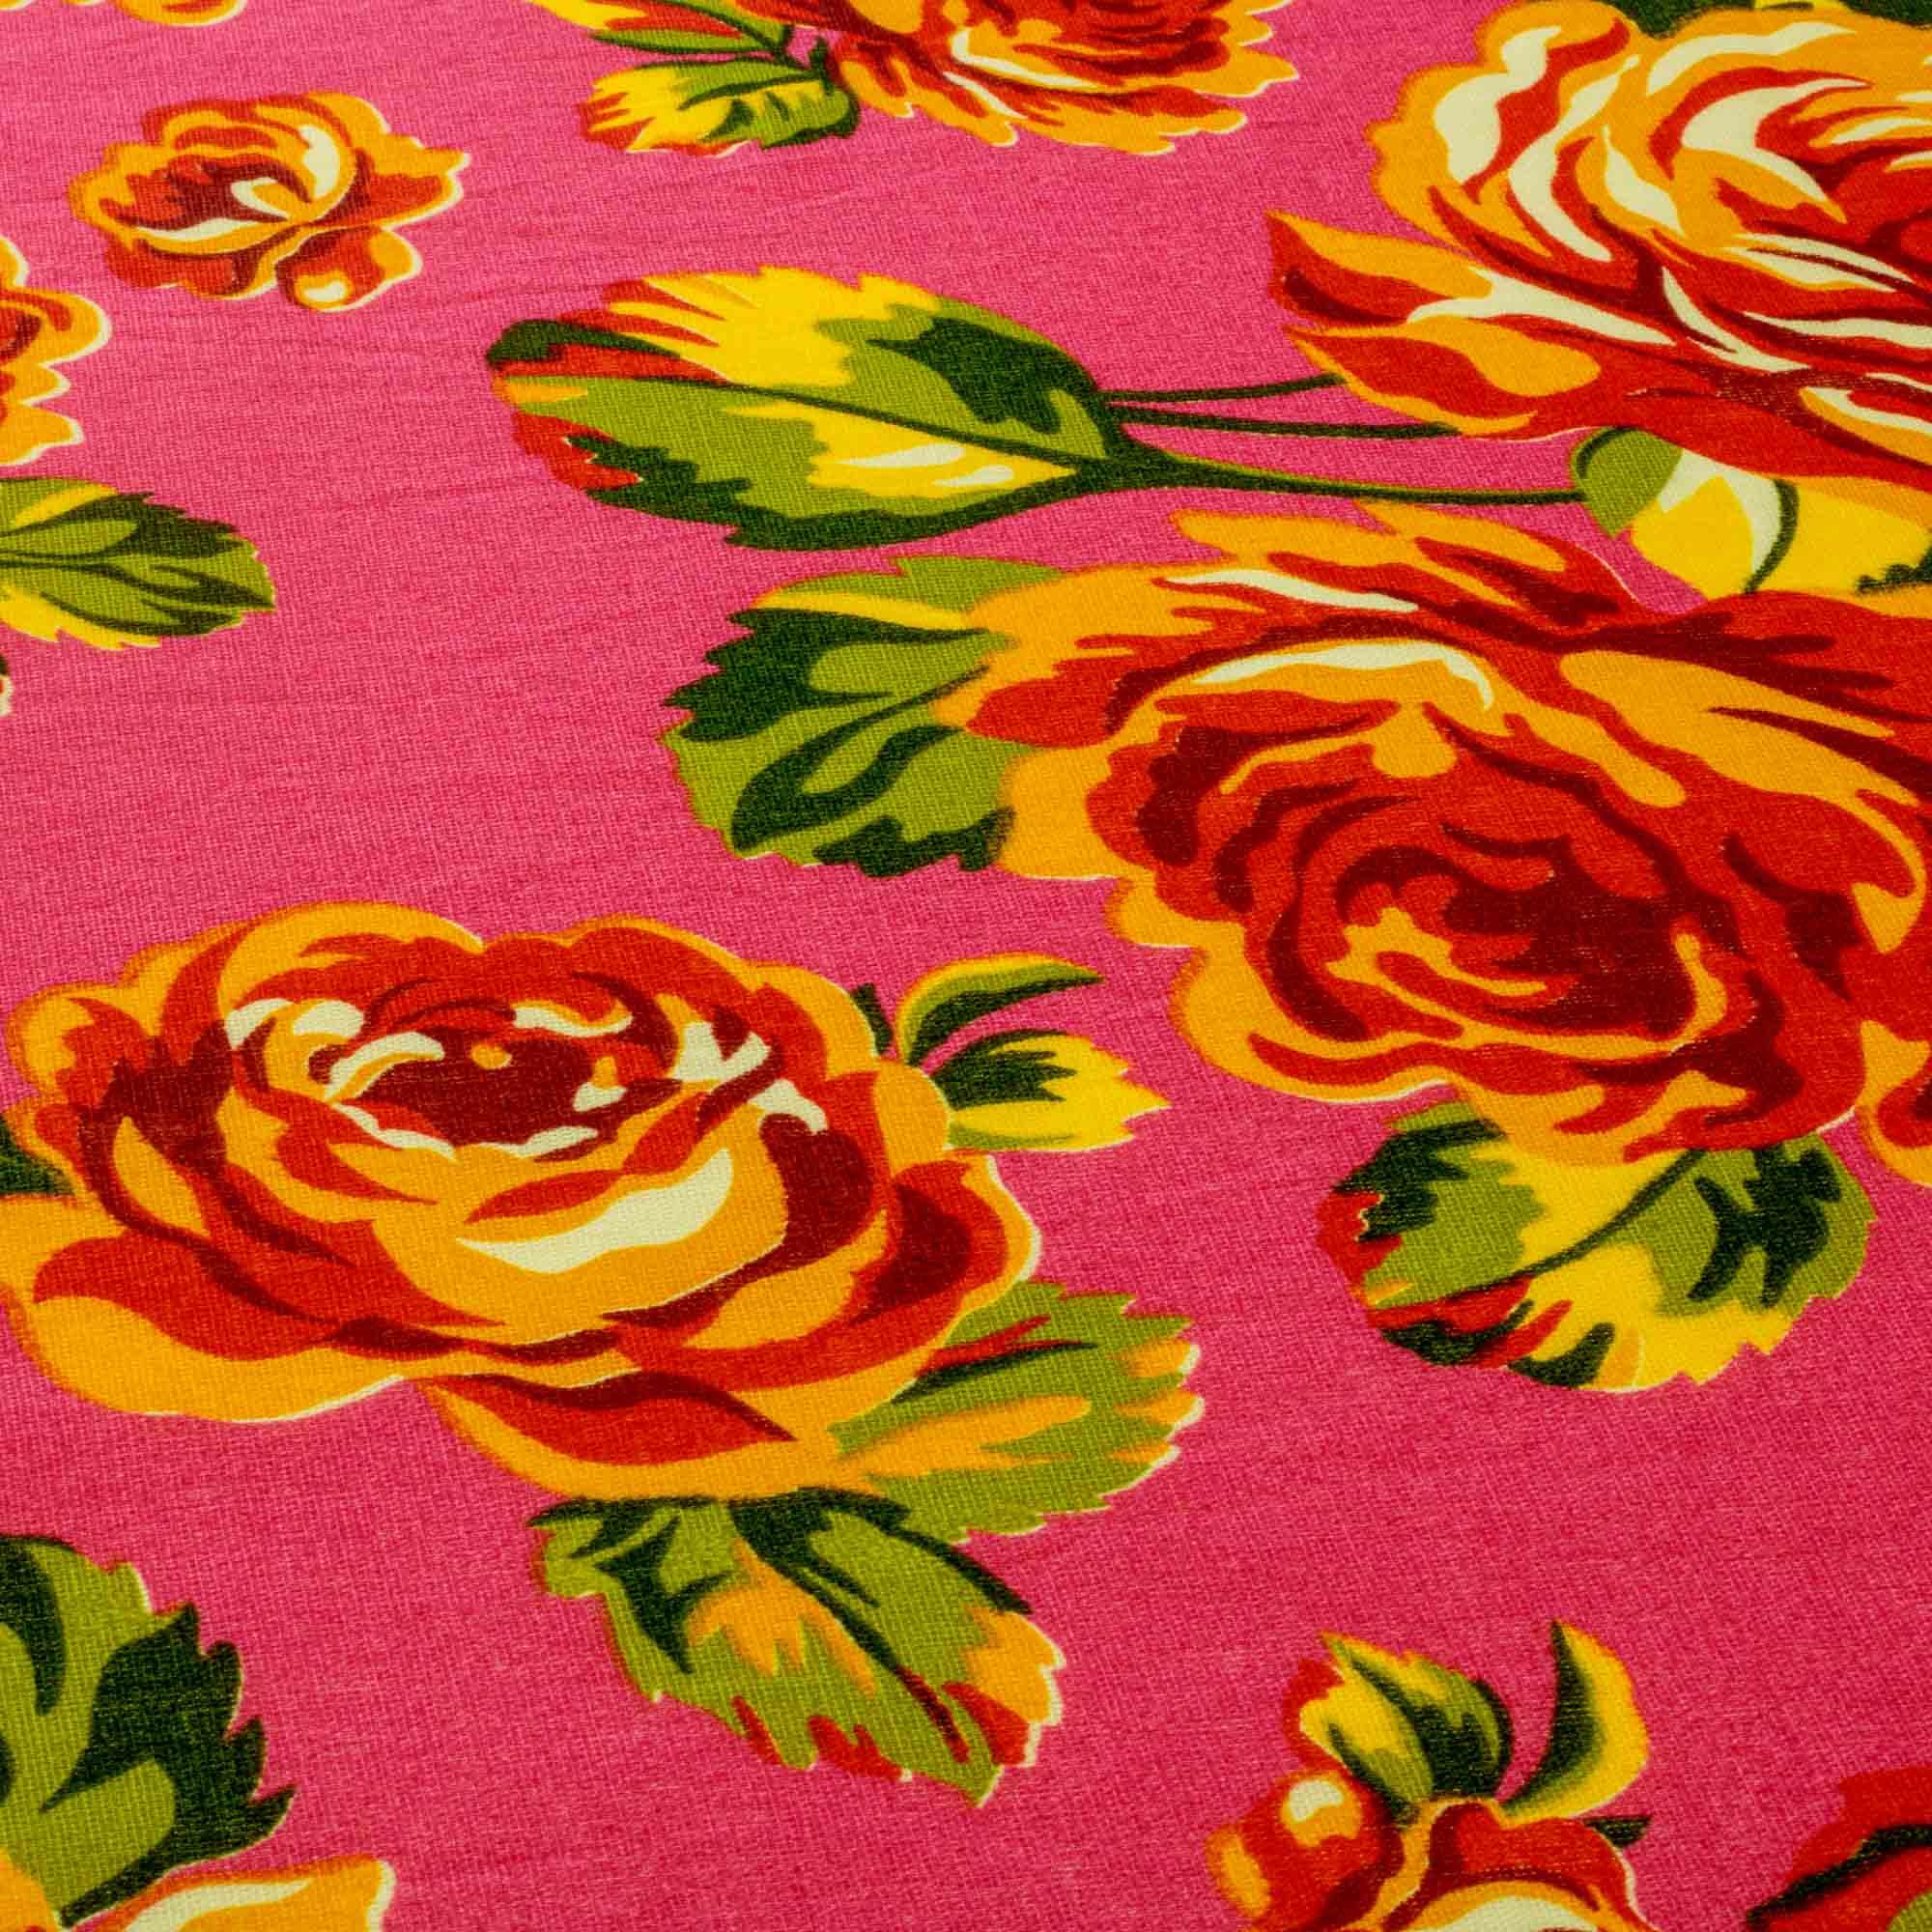 Tecido Chitão Estampado Flores Laranja Fundo Rosa 100% Algodão